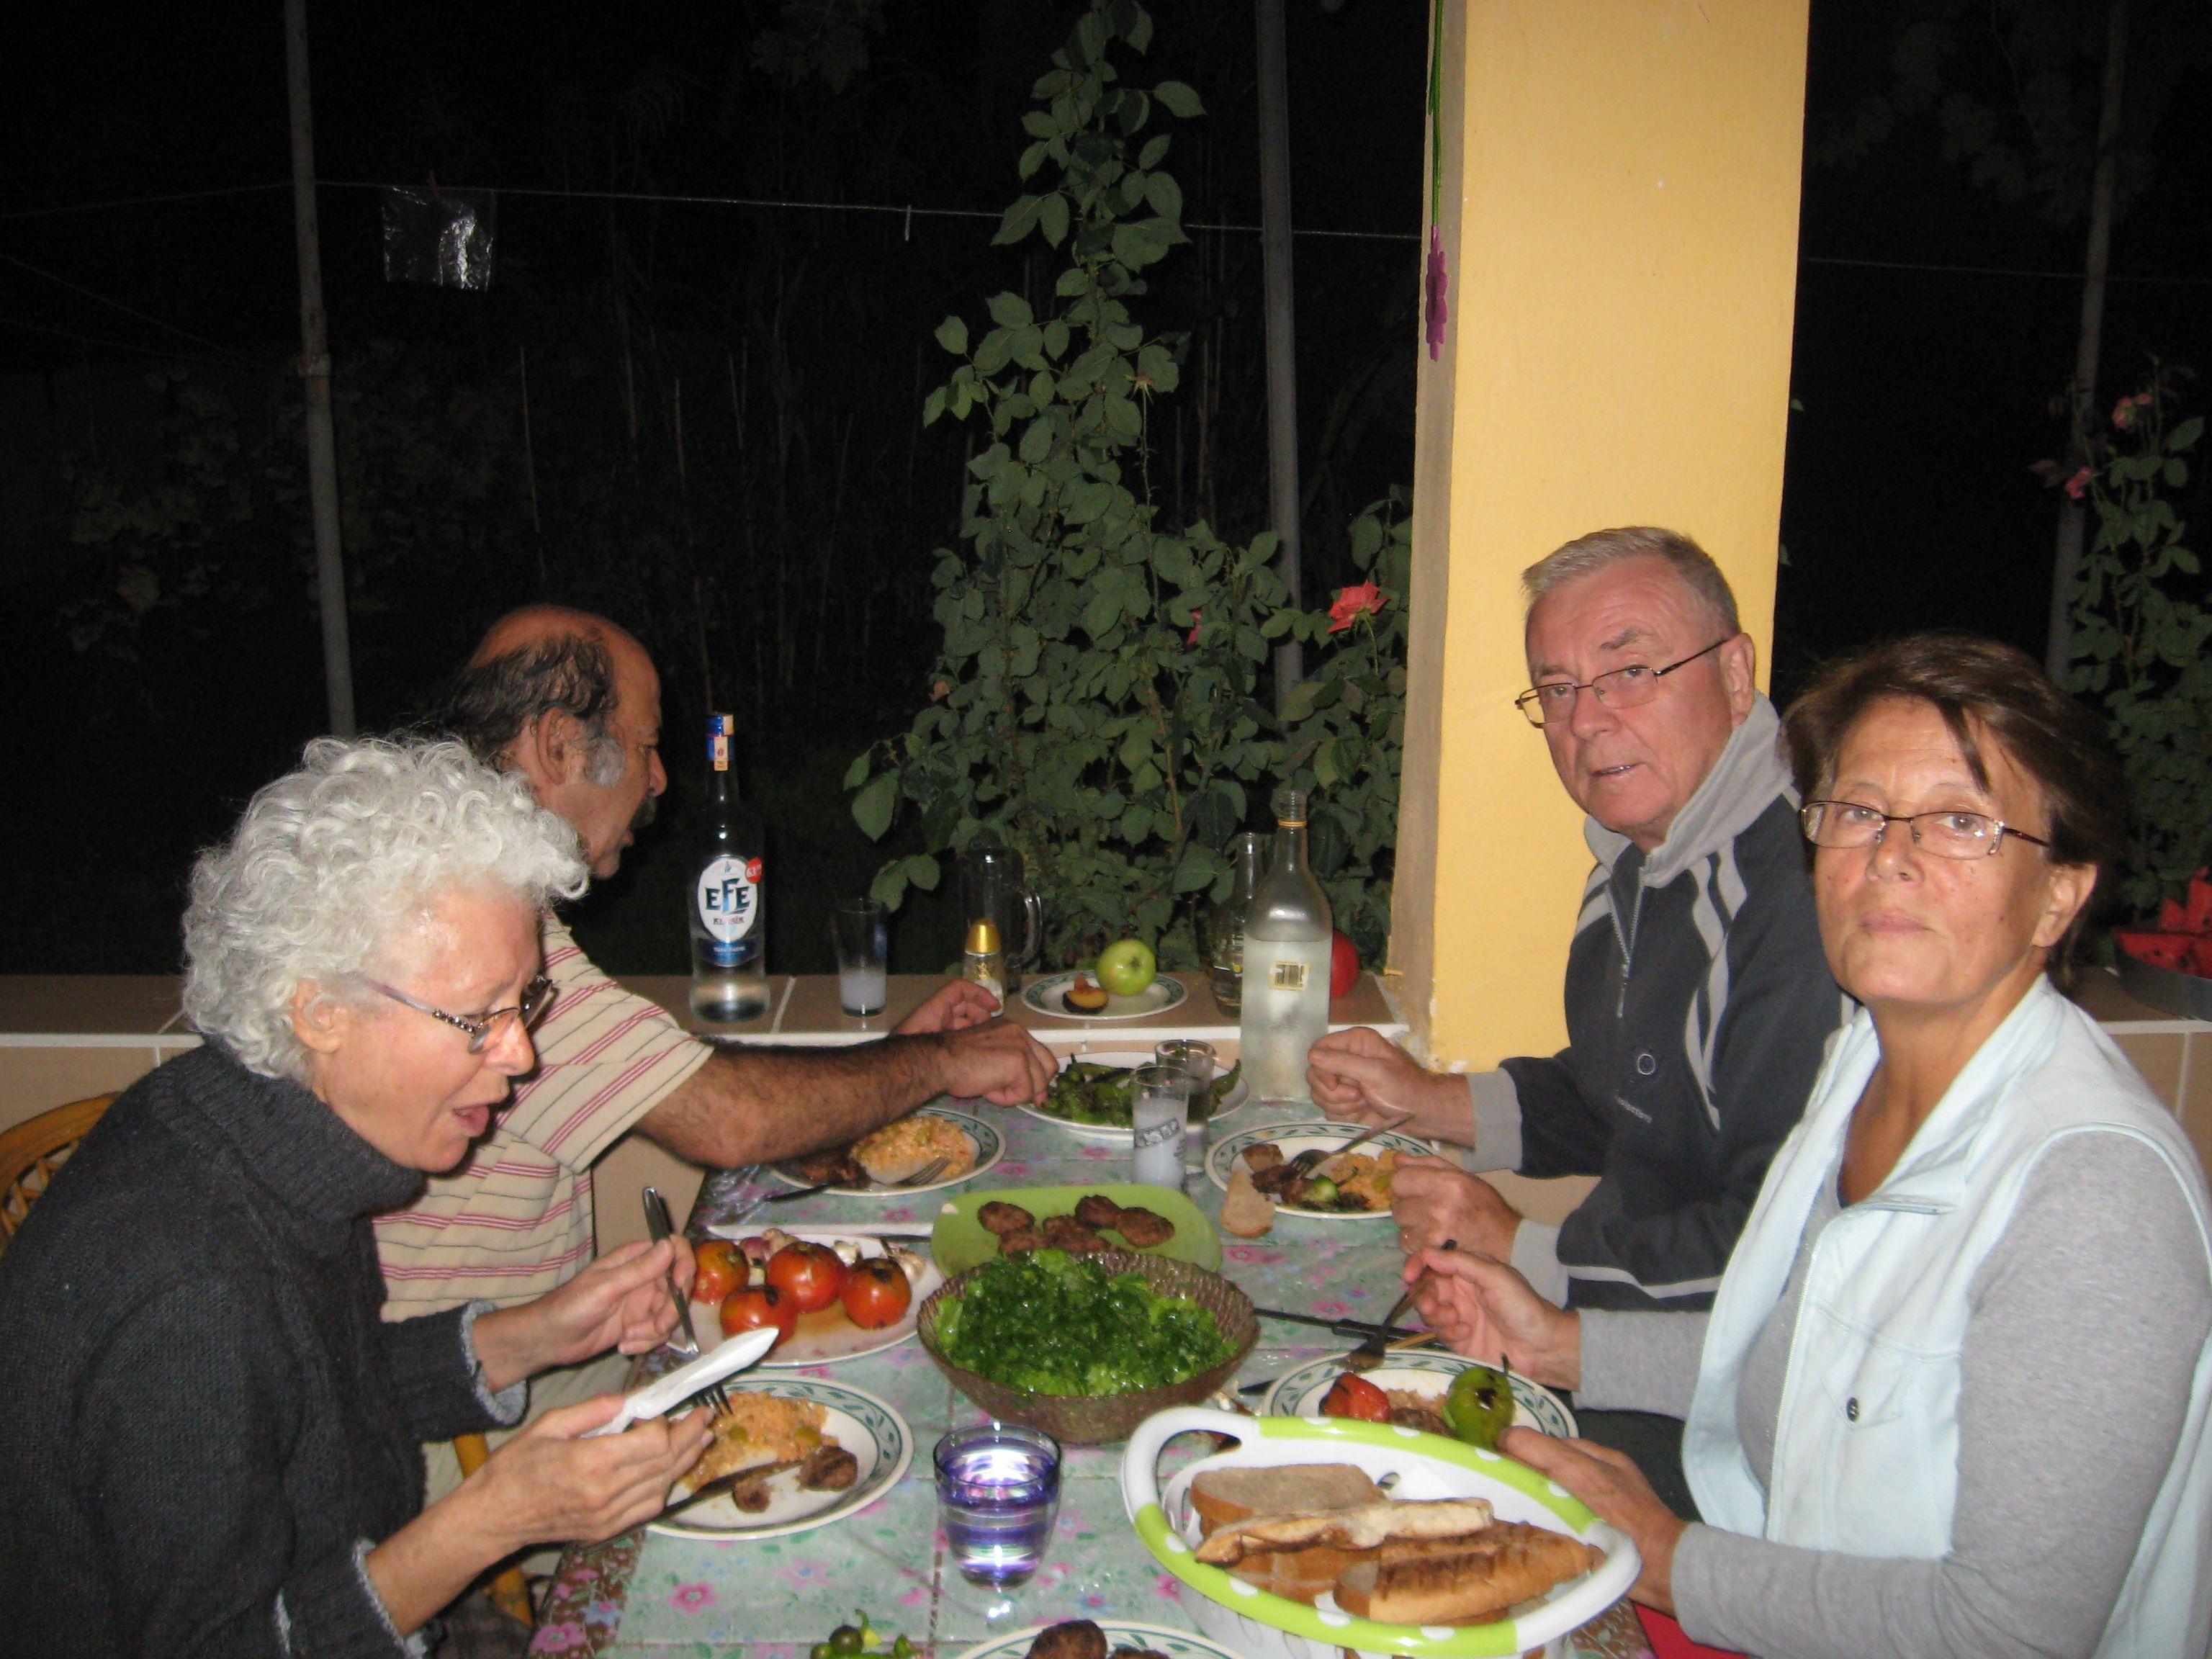 ANTALYA GÜNLERİ / TOROSLARDA İKİ GÜN